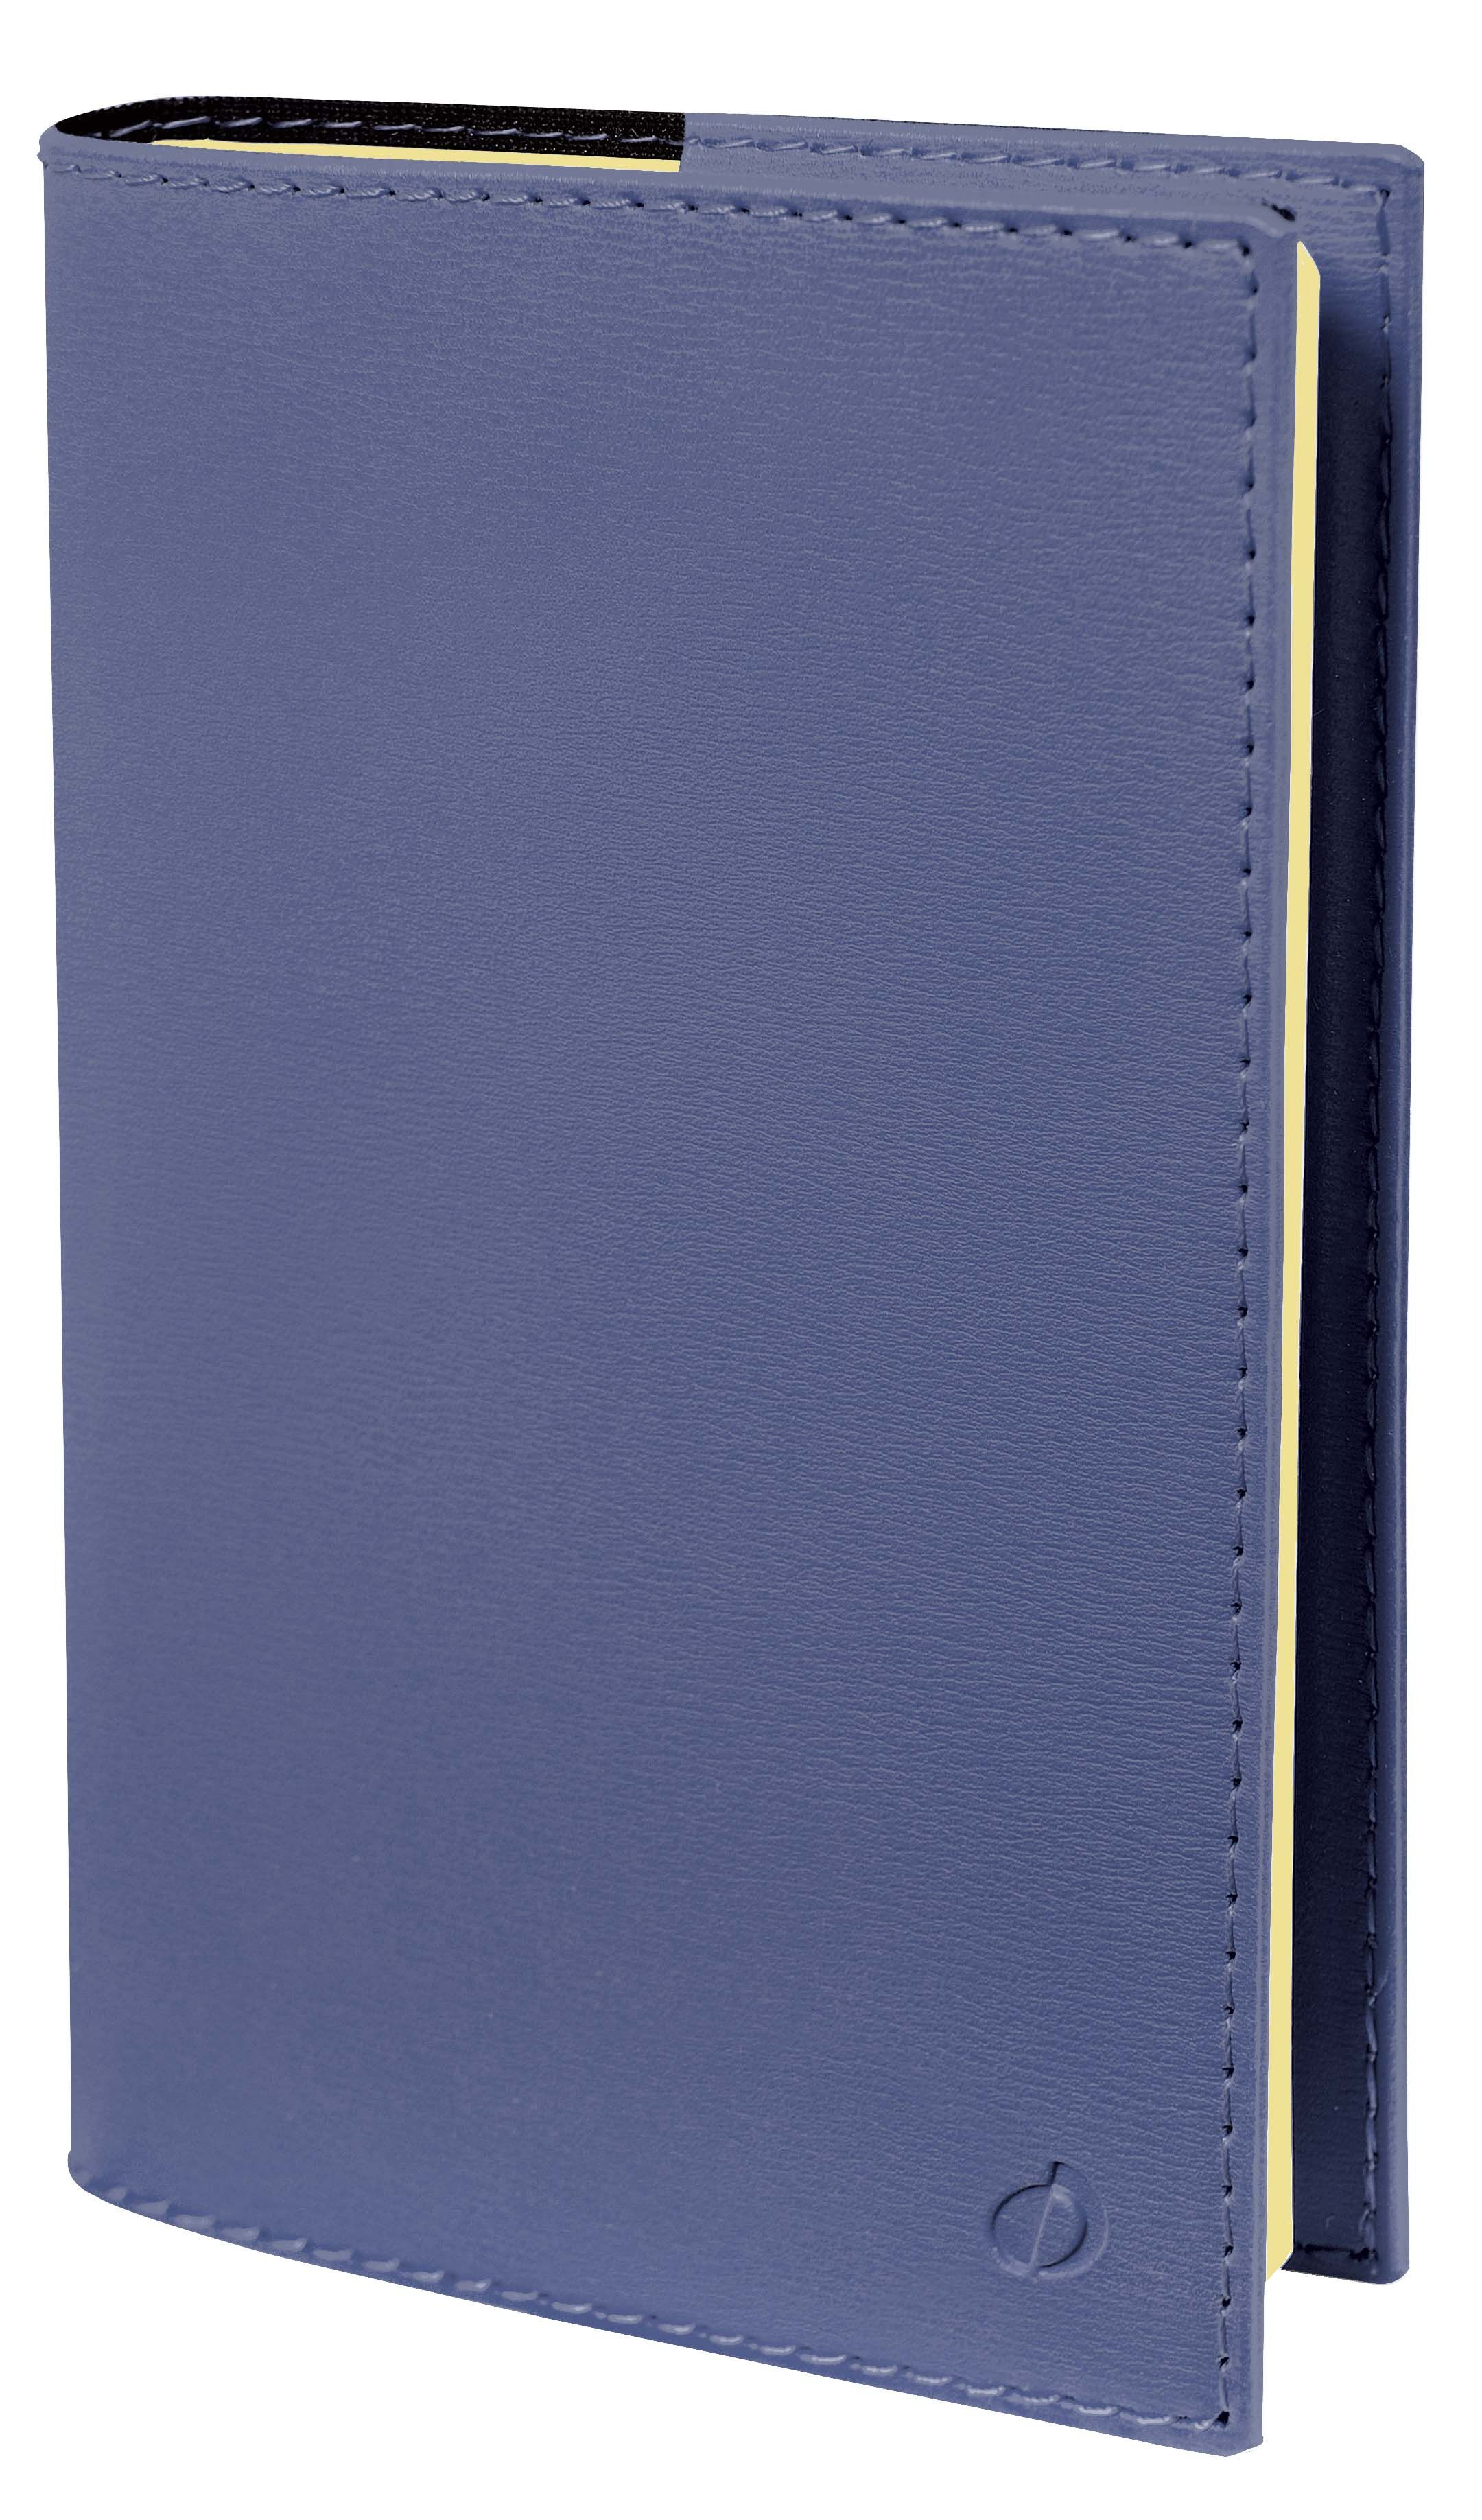 Soho Universitaire - Agenda 1 semaine sur 2 pages - 10 x 15 cm - bleu marine - Quo Vadis